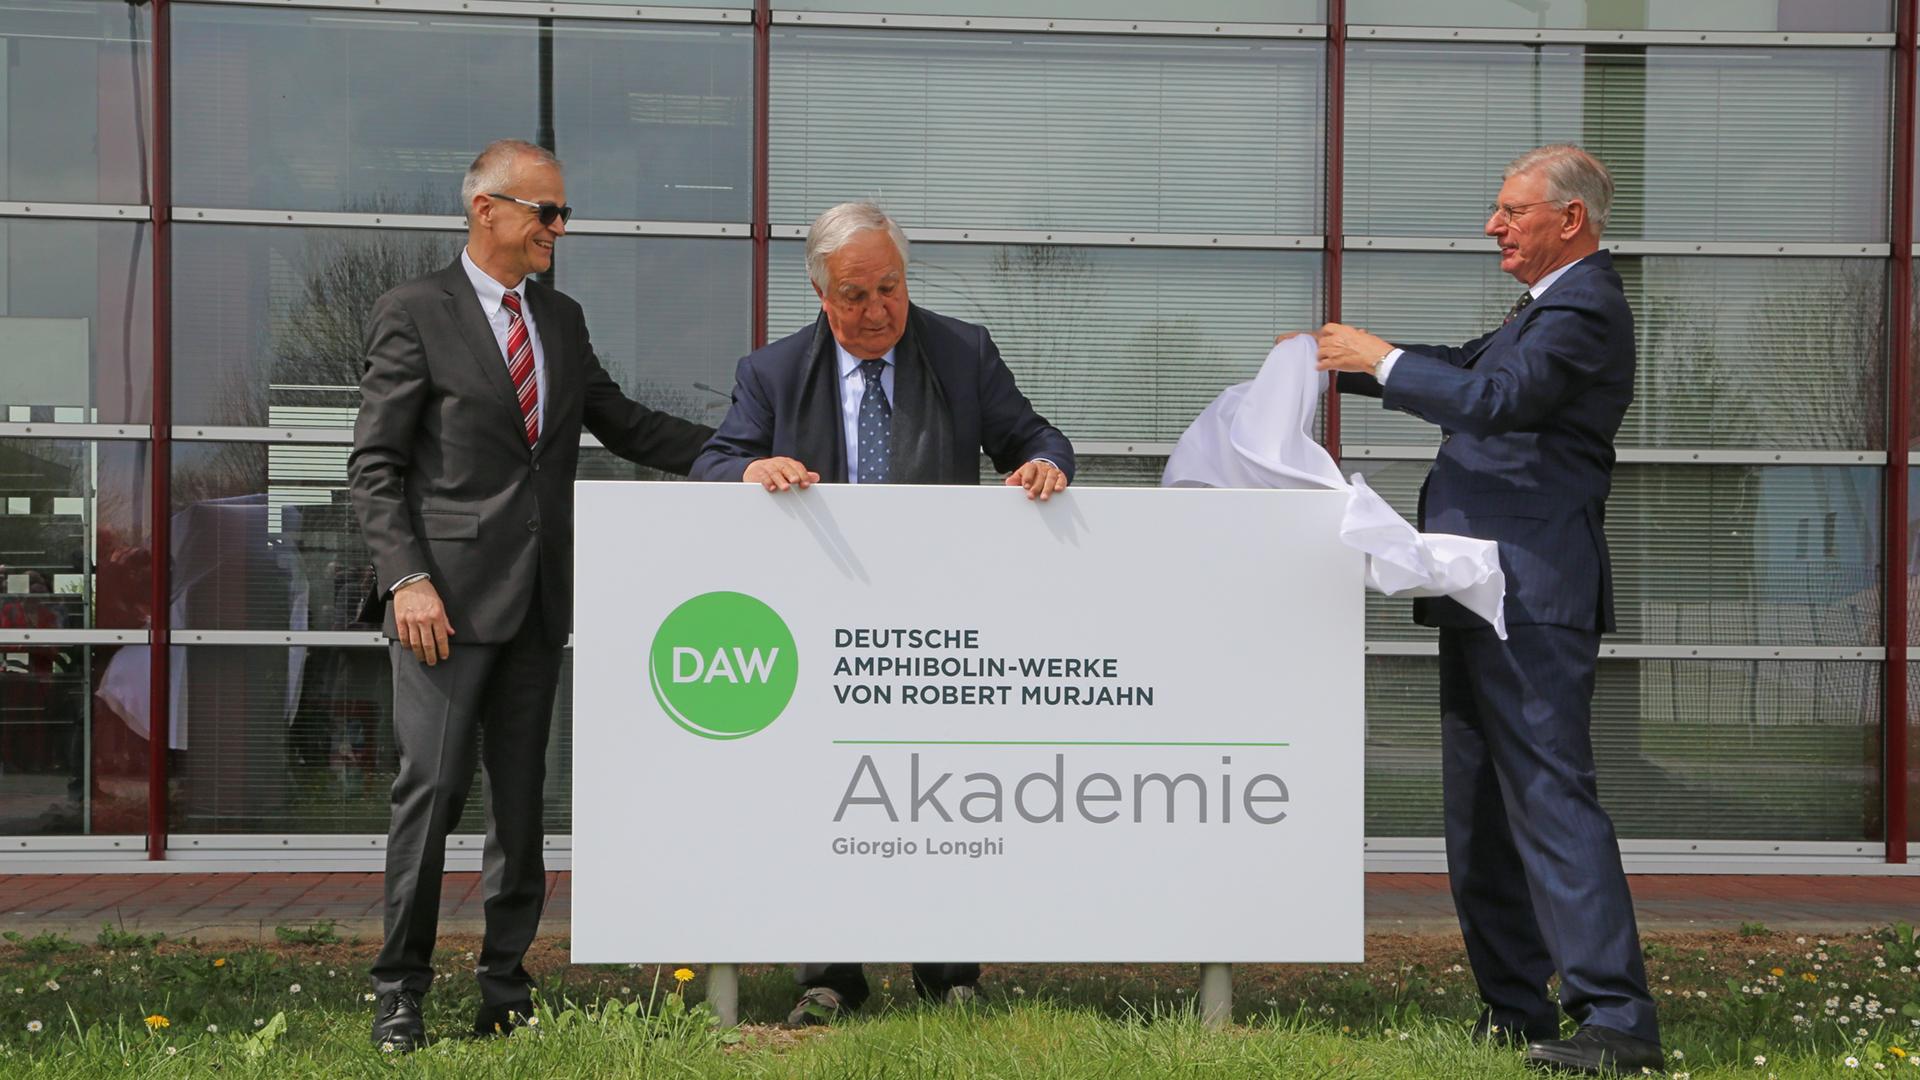 Cerimonia di inaugurazione DAW Akademie intitolata a Giorgio Longhi - Vermezzo, 12 aprile 2018